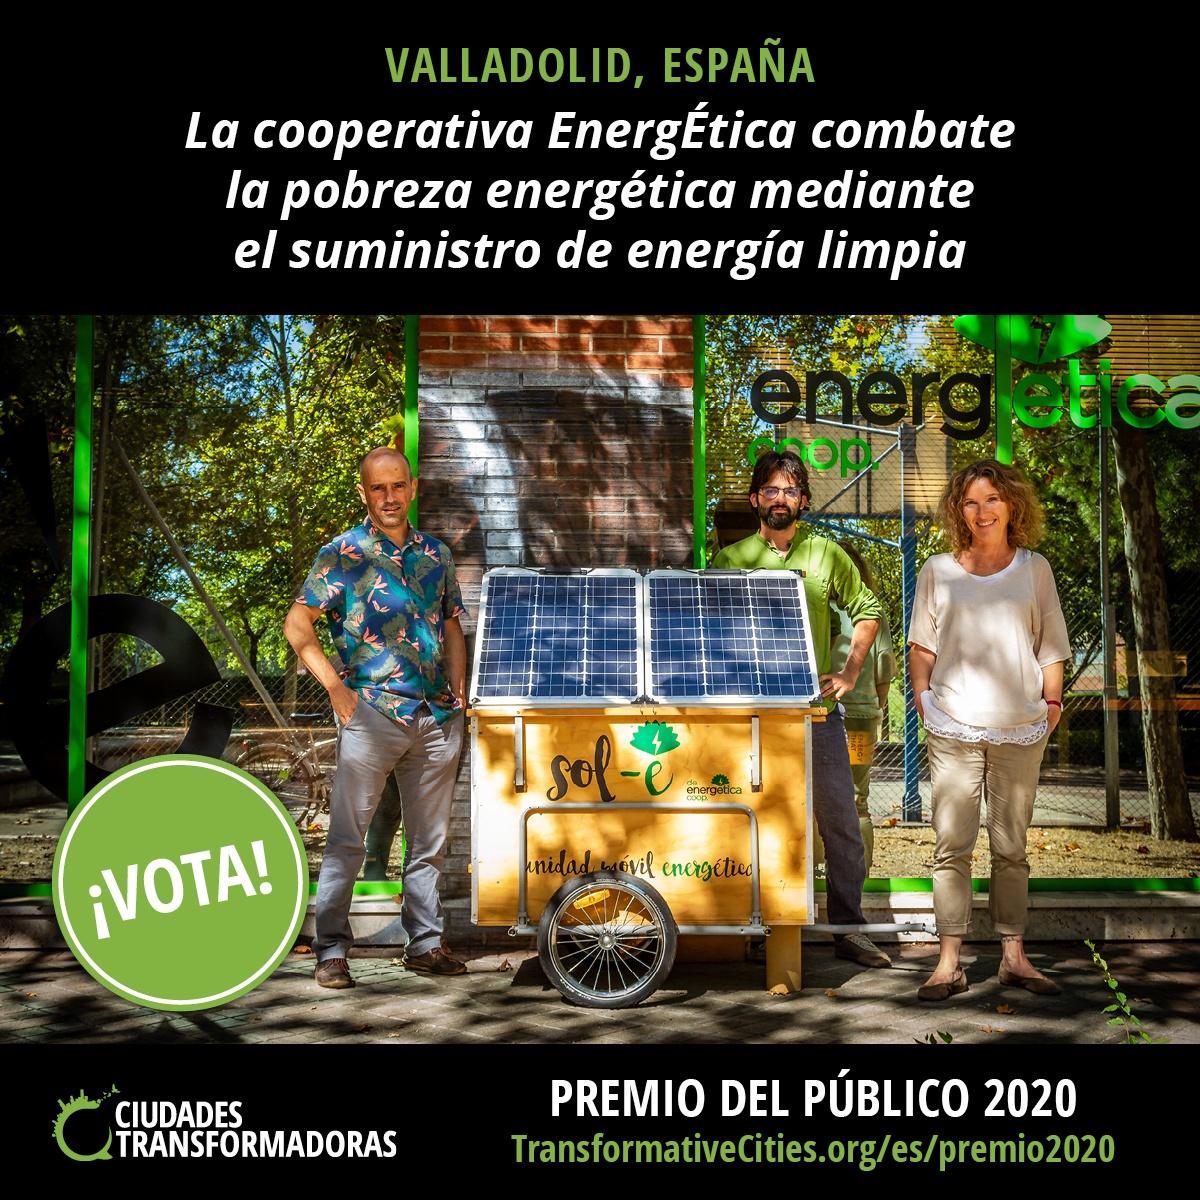 Premio del Público Ciudades Transformadoras 2020